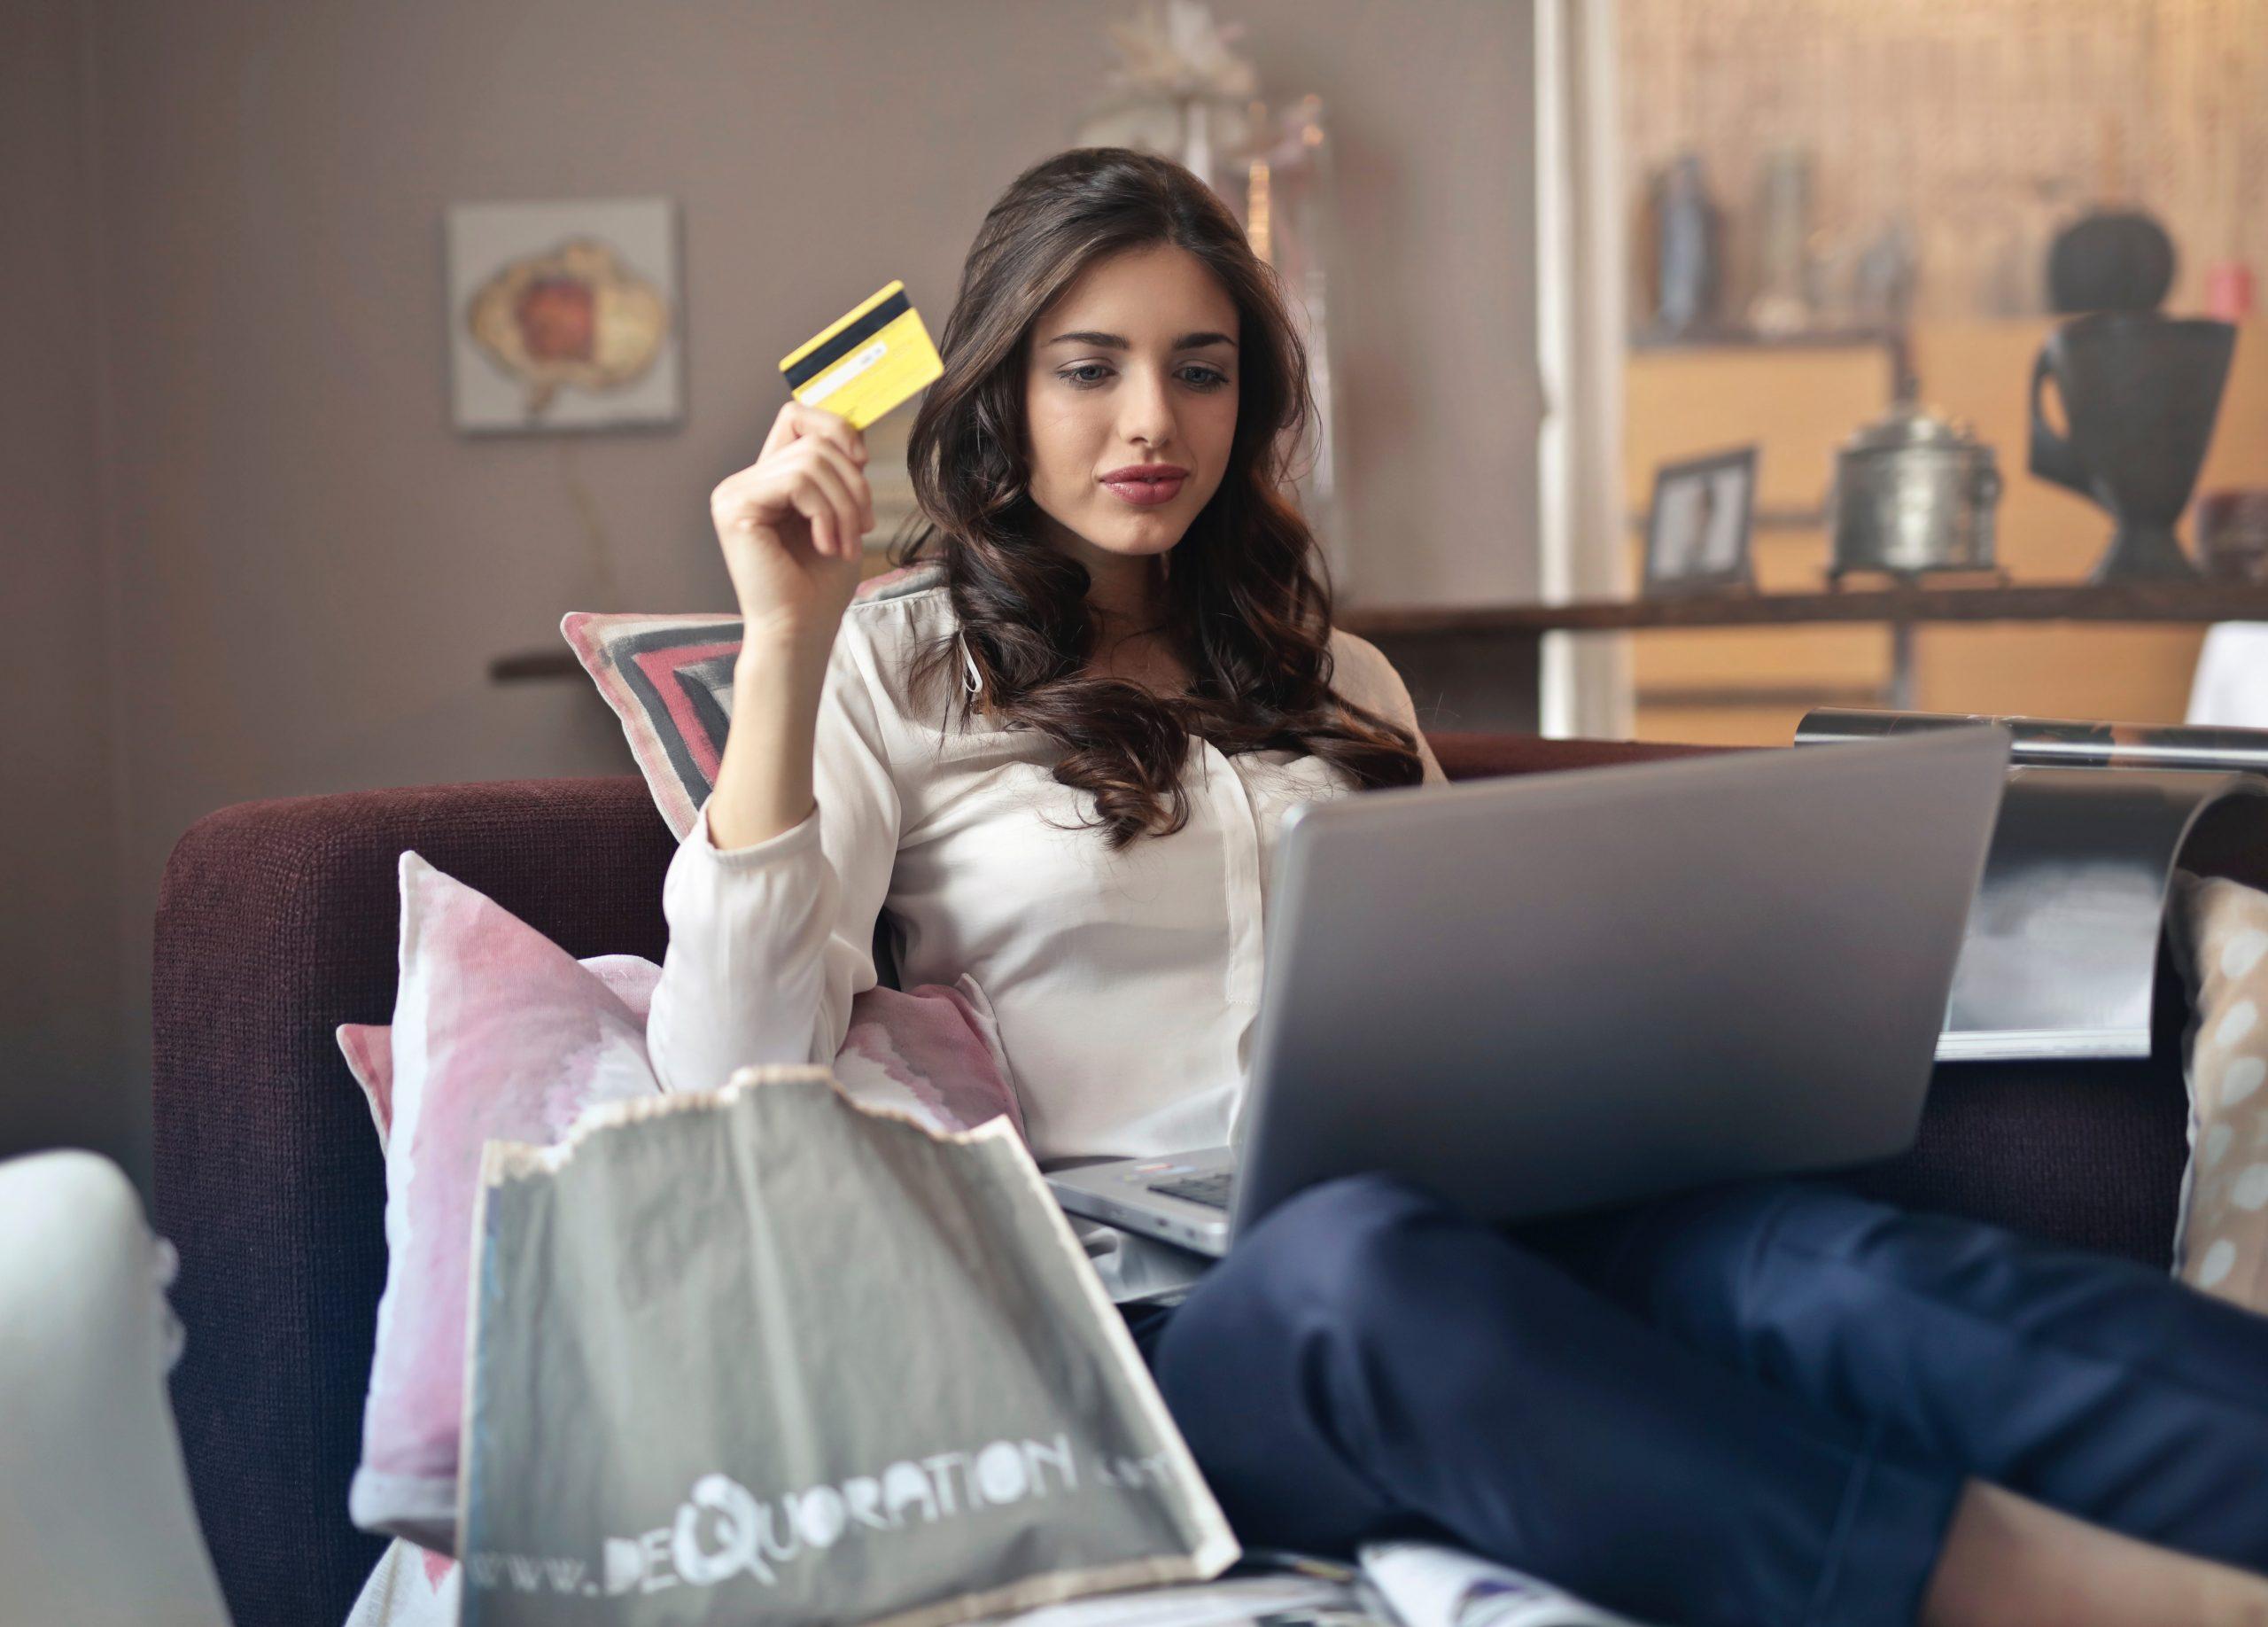 Mulher sorri confiante olhando a tele de um computador enquanto faz uma compra de lentes de contato online||Mulher sorri confiante olhando a tele de um computador enquanto faz uma compra de lentes de contato online